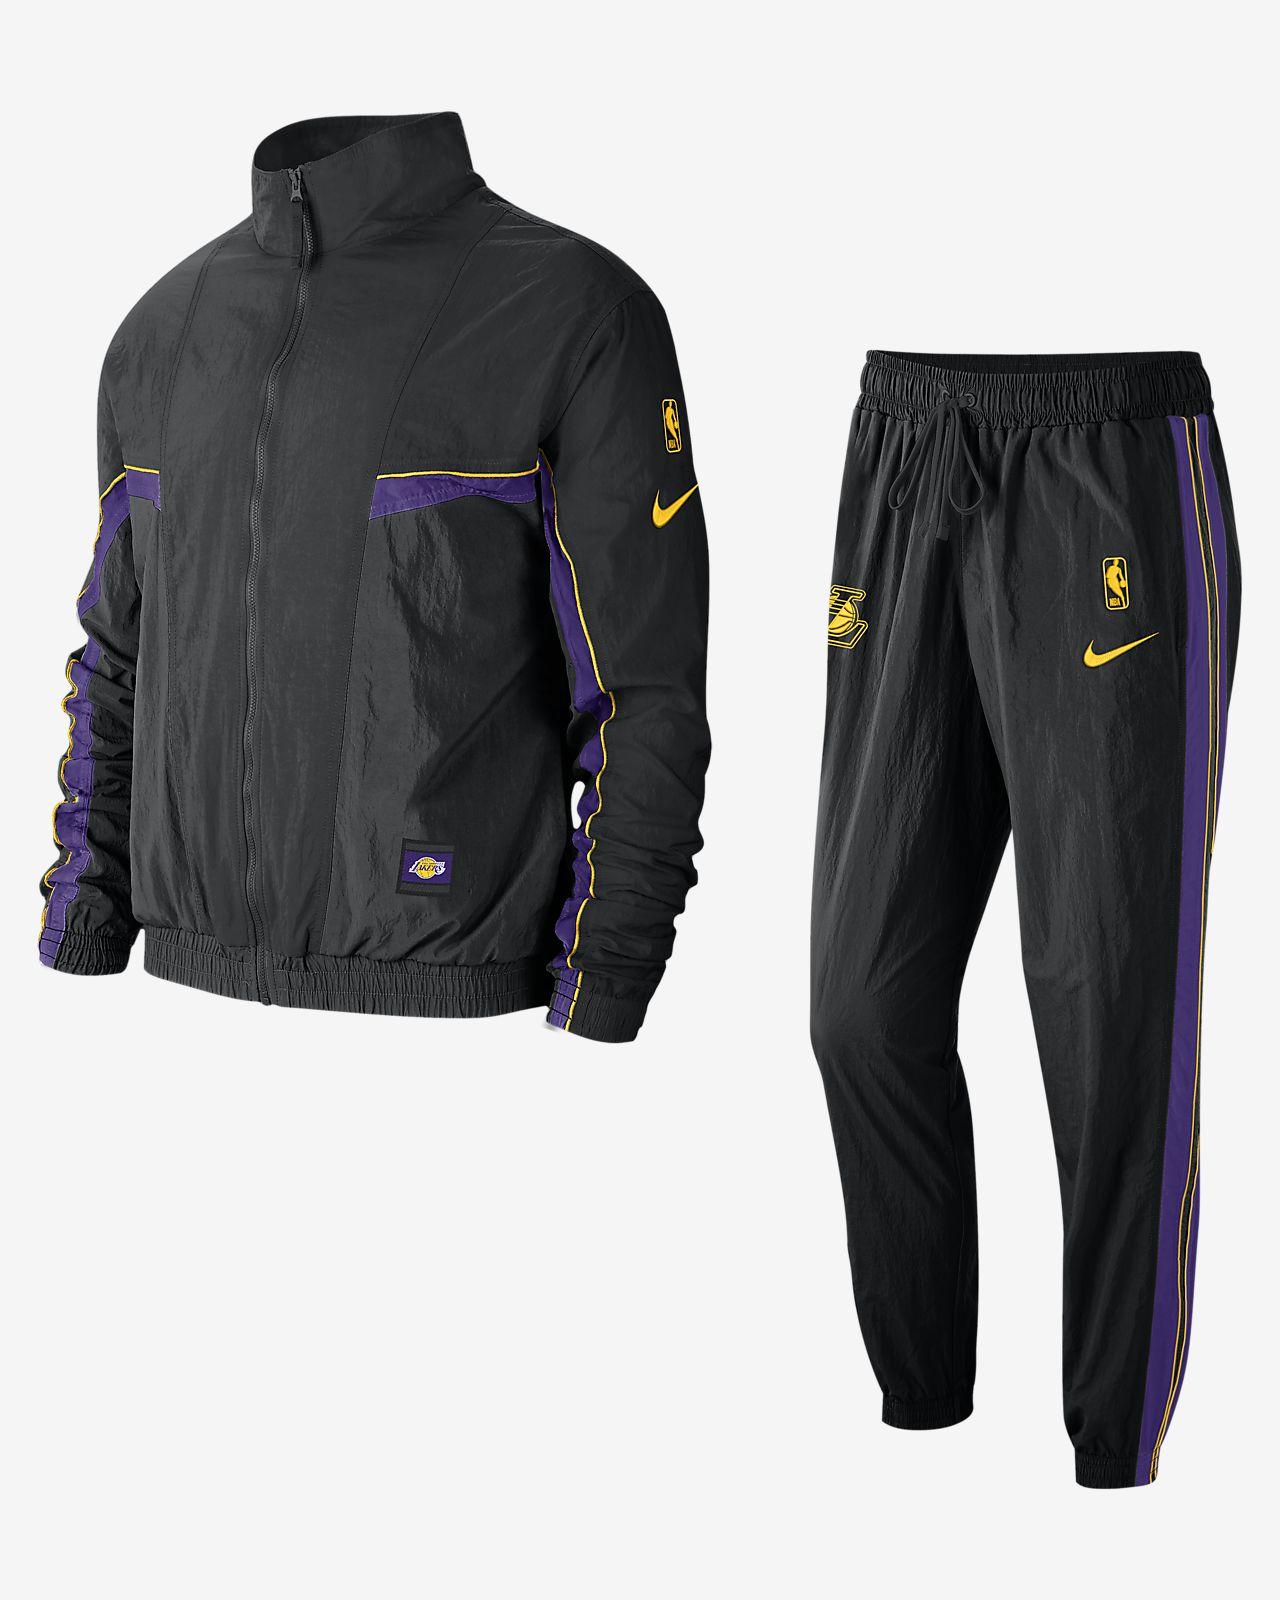 pulcro últimos diseños diversificados salida de fábrica Los Angeles Lakers Nike Chándal de la NBA - Hombre